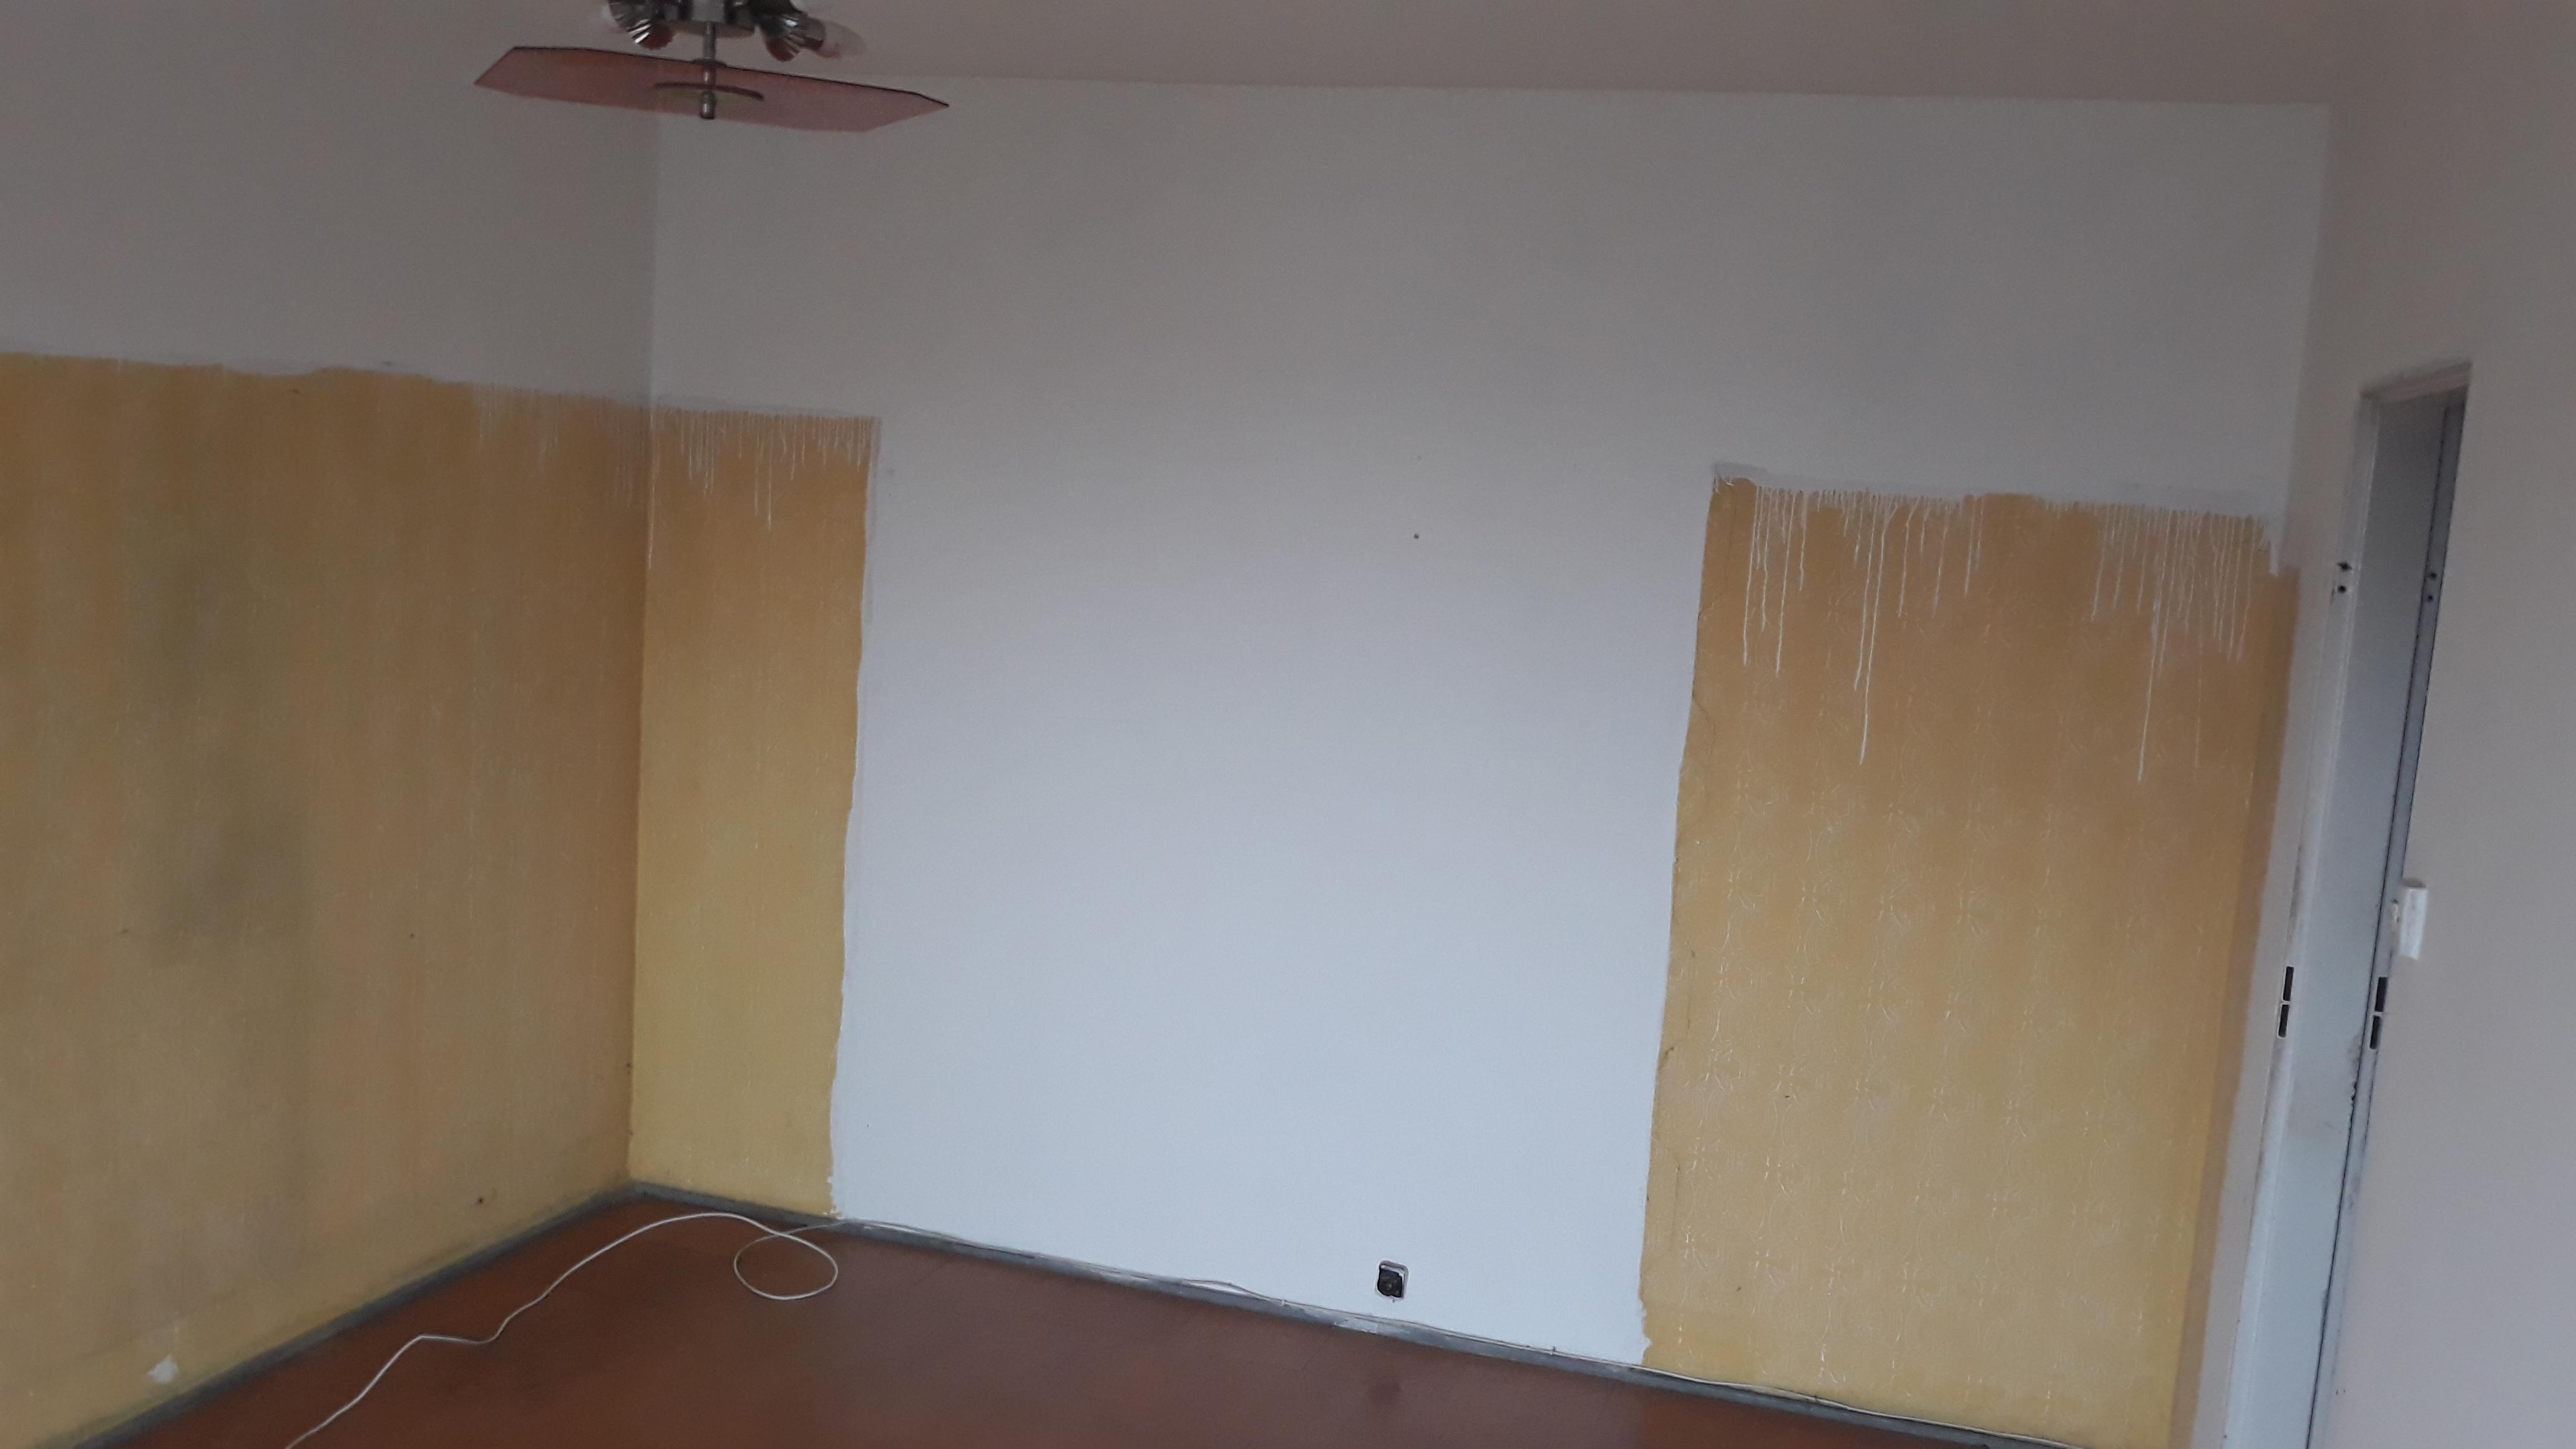 Zdjęcie przedstawiające wnętrze pomieszczenia